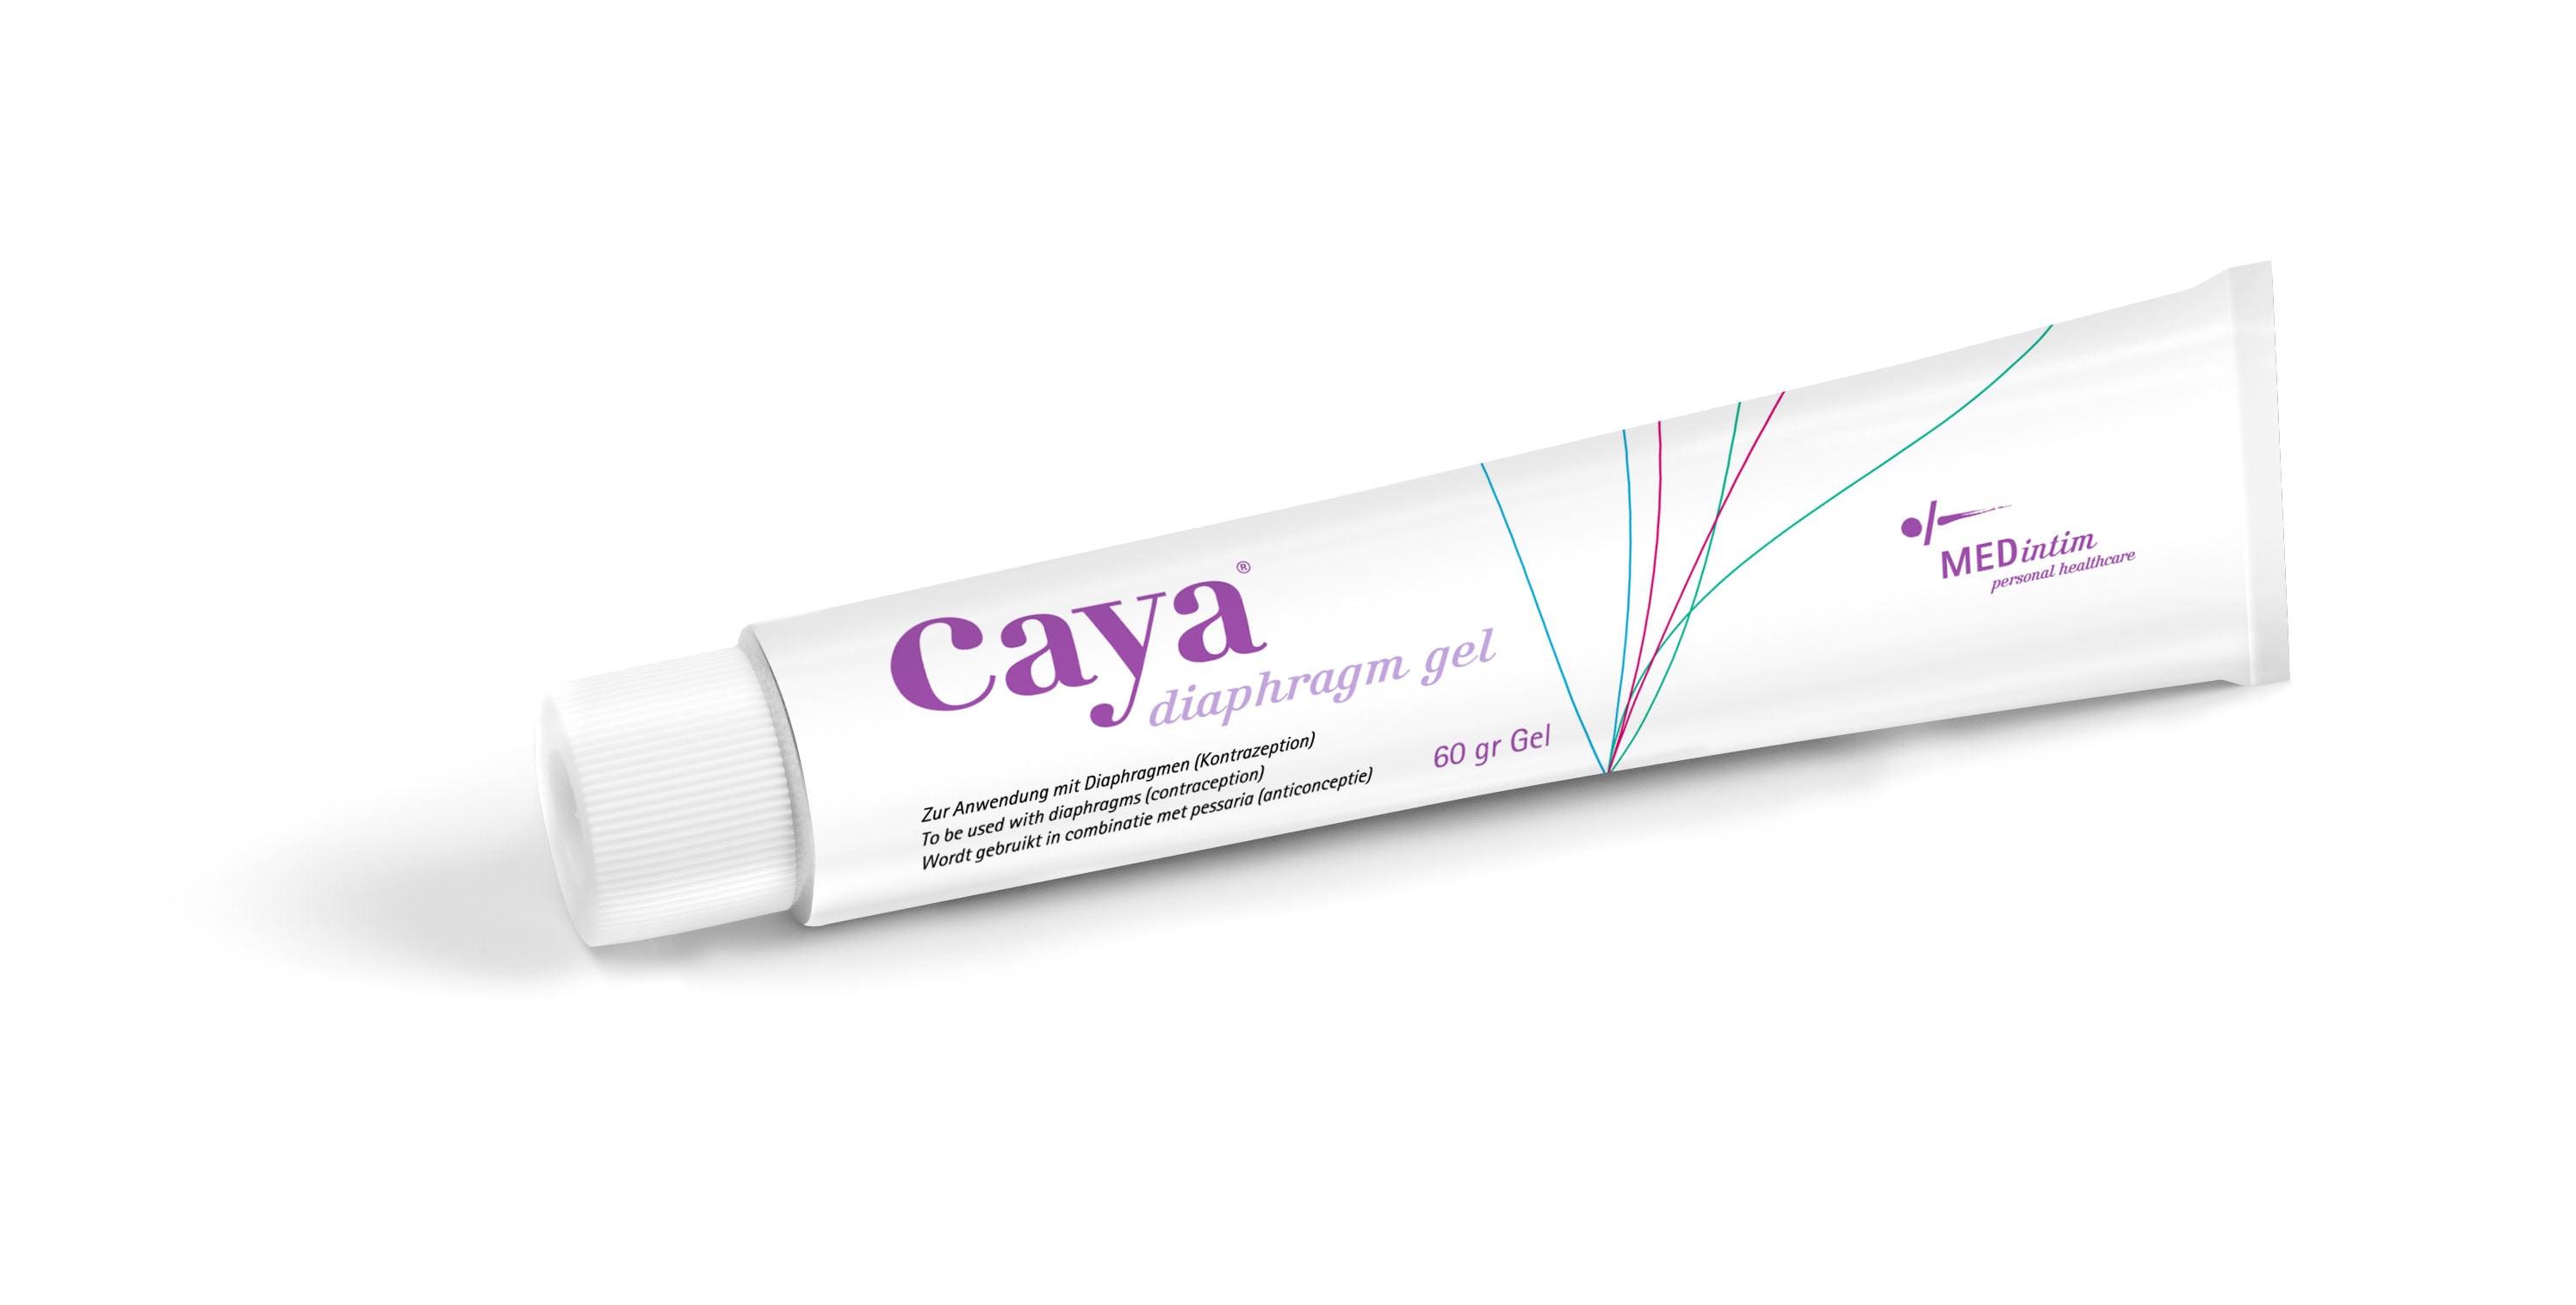 ג'ל קאיה - קוטל זרע Caya gel